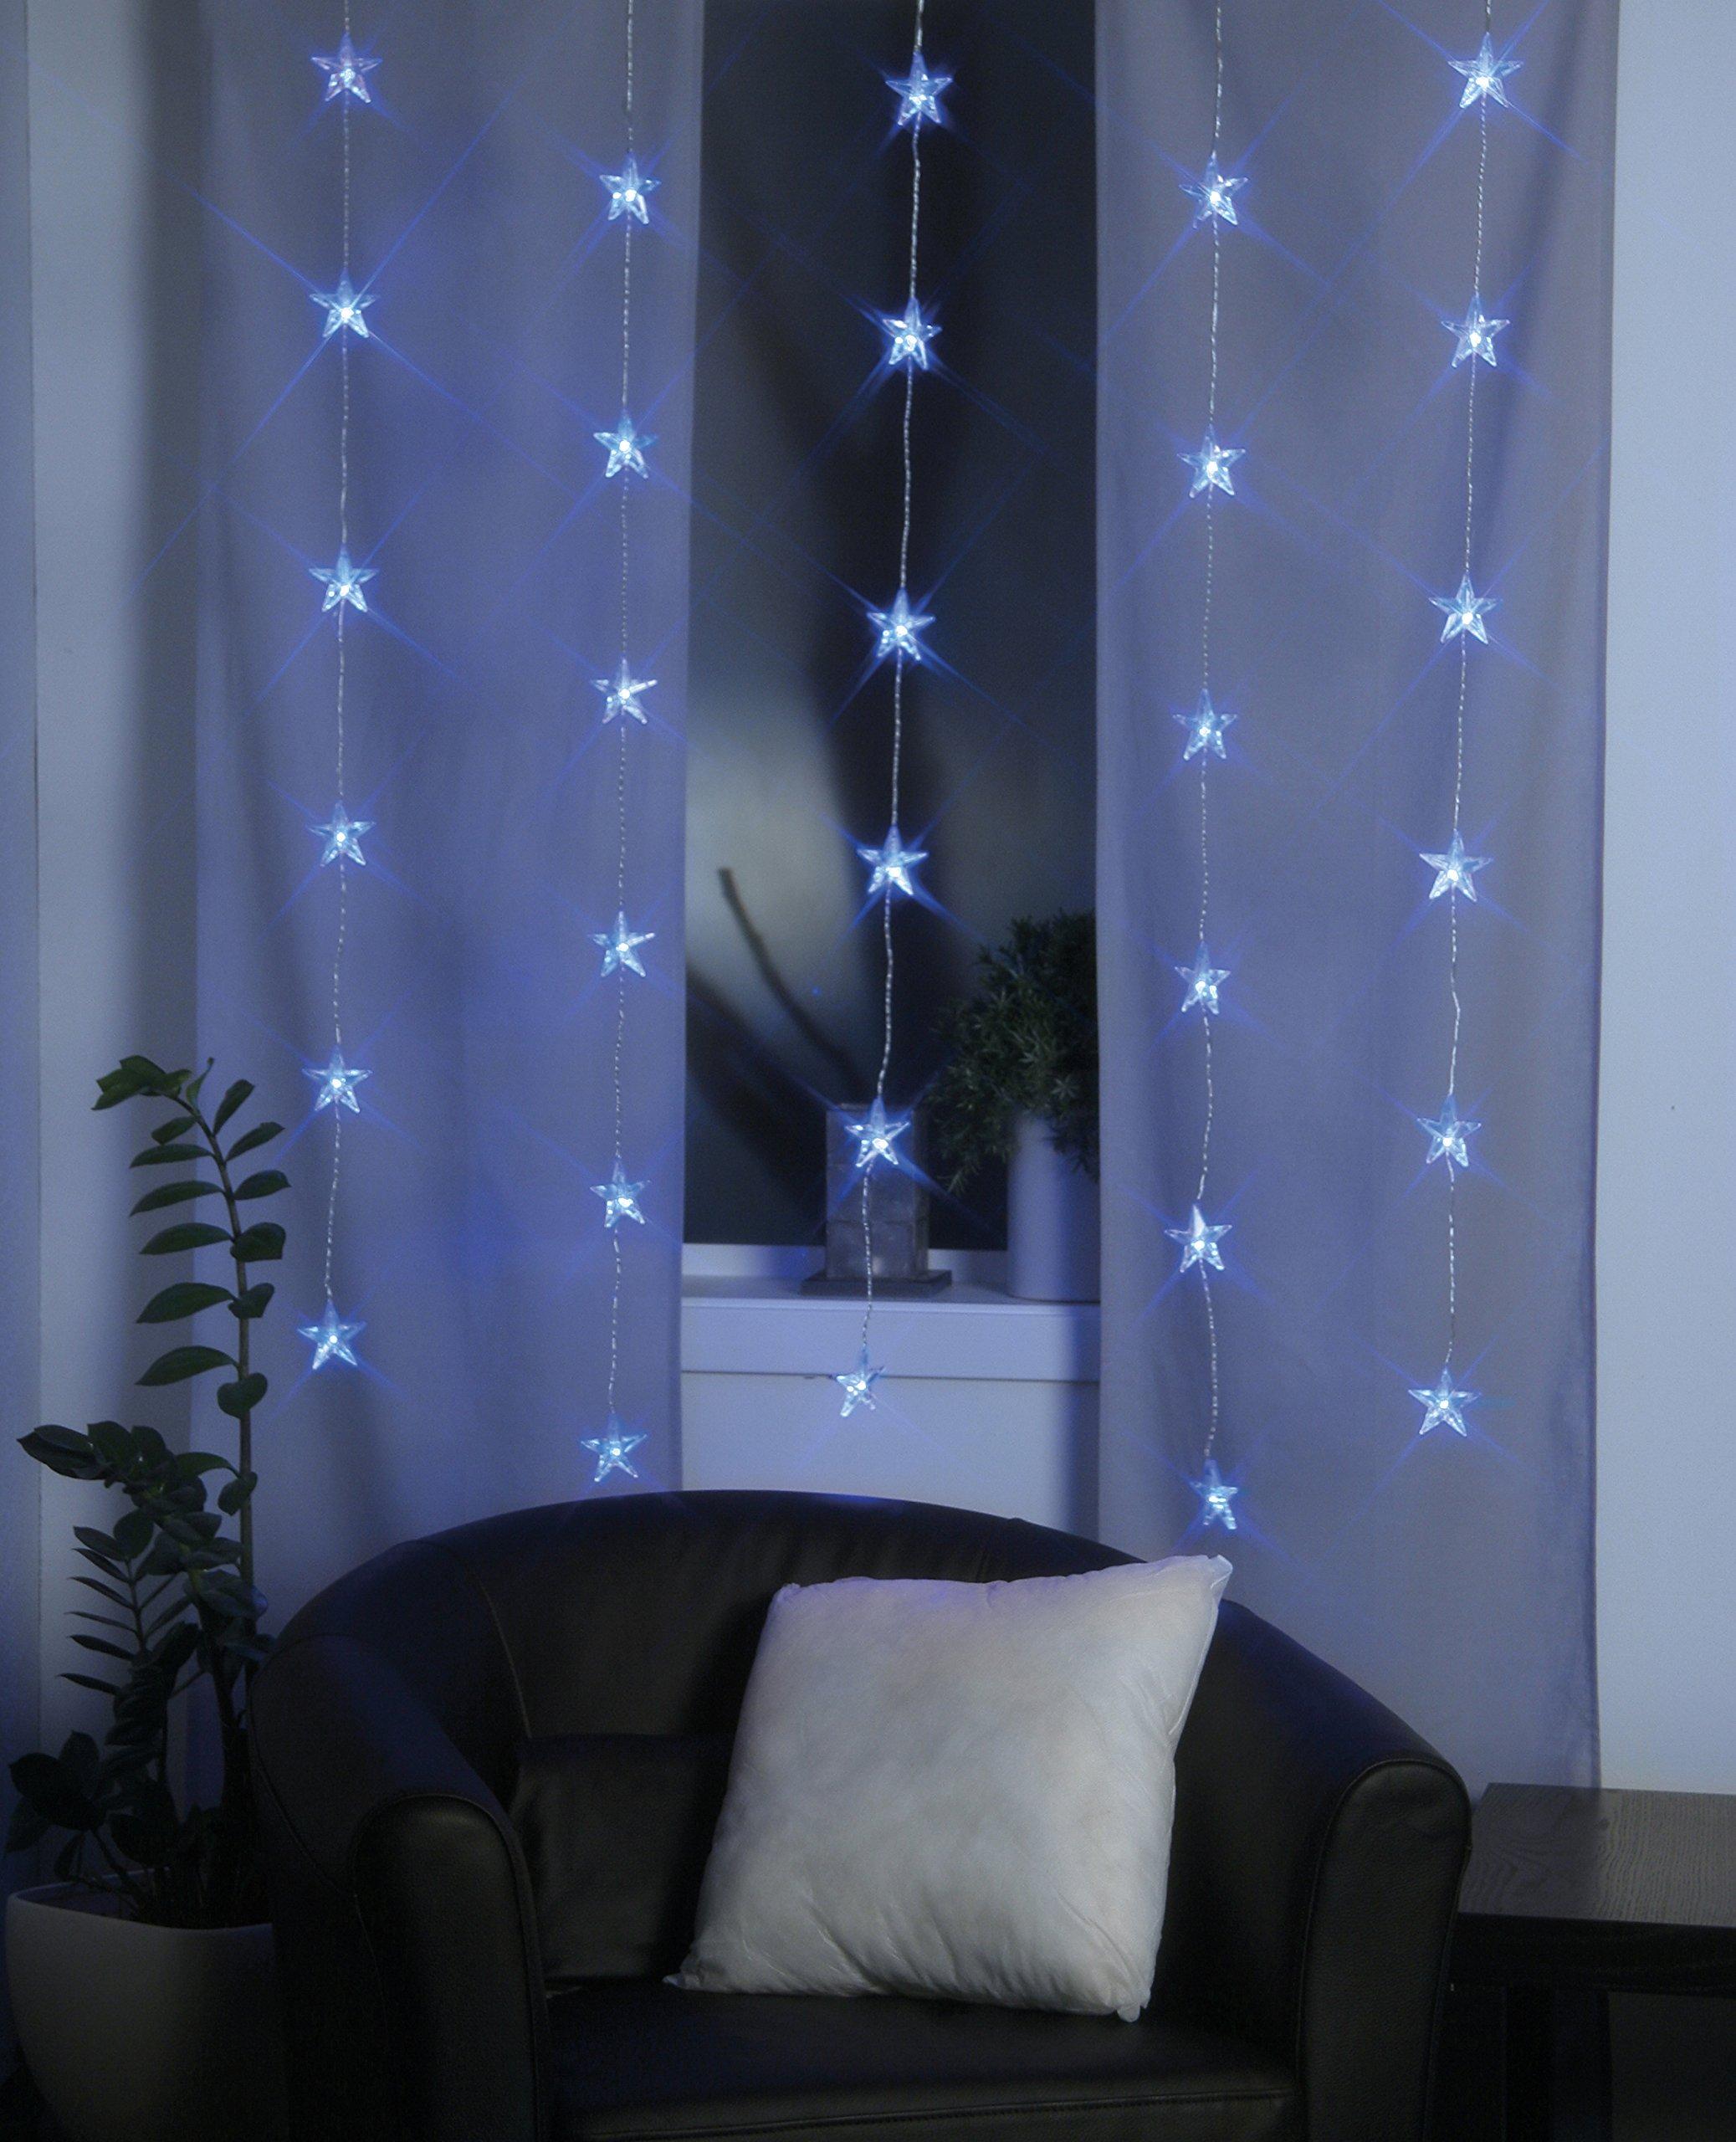 Lichtervorhang-120×90-LED-Sterne-Cool-Light-30e30er-Liefermenge-1